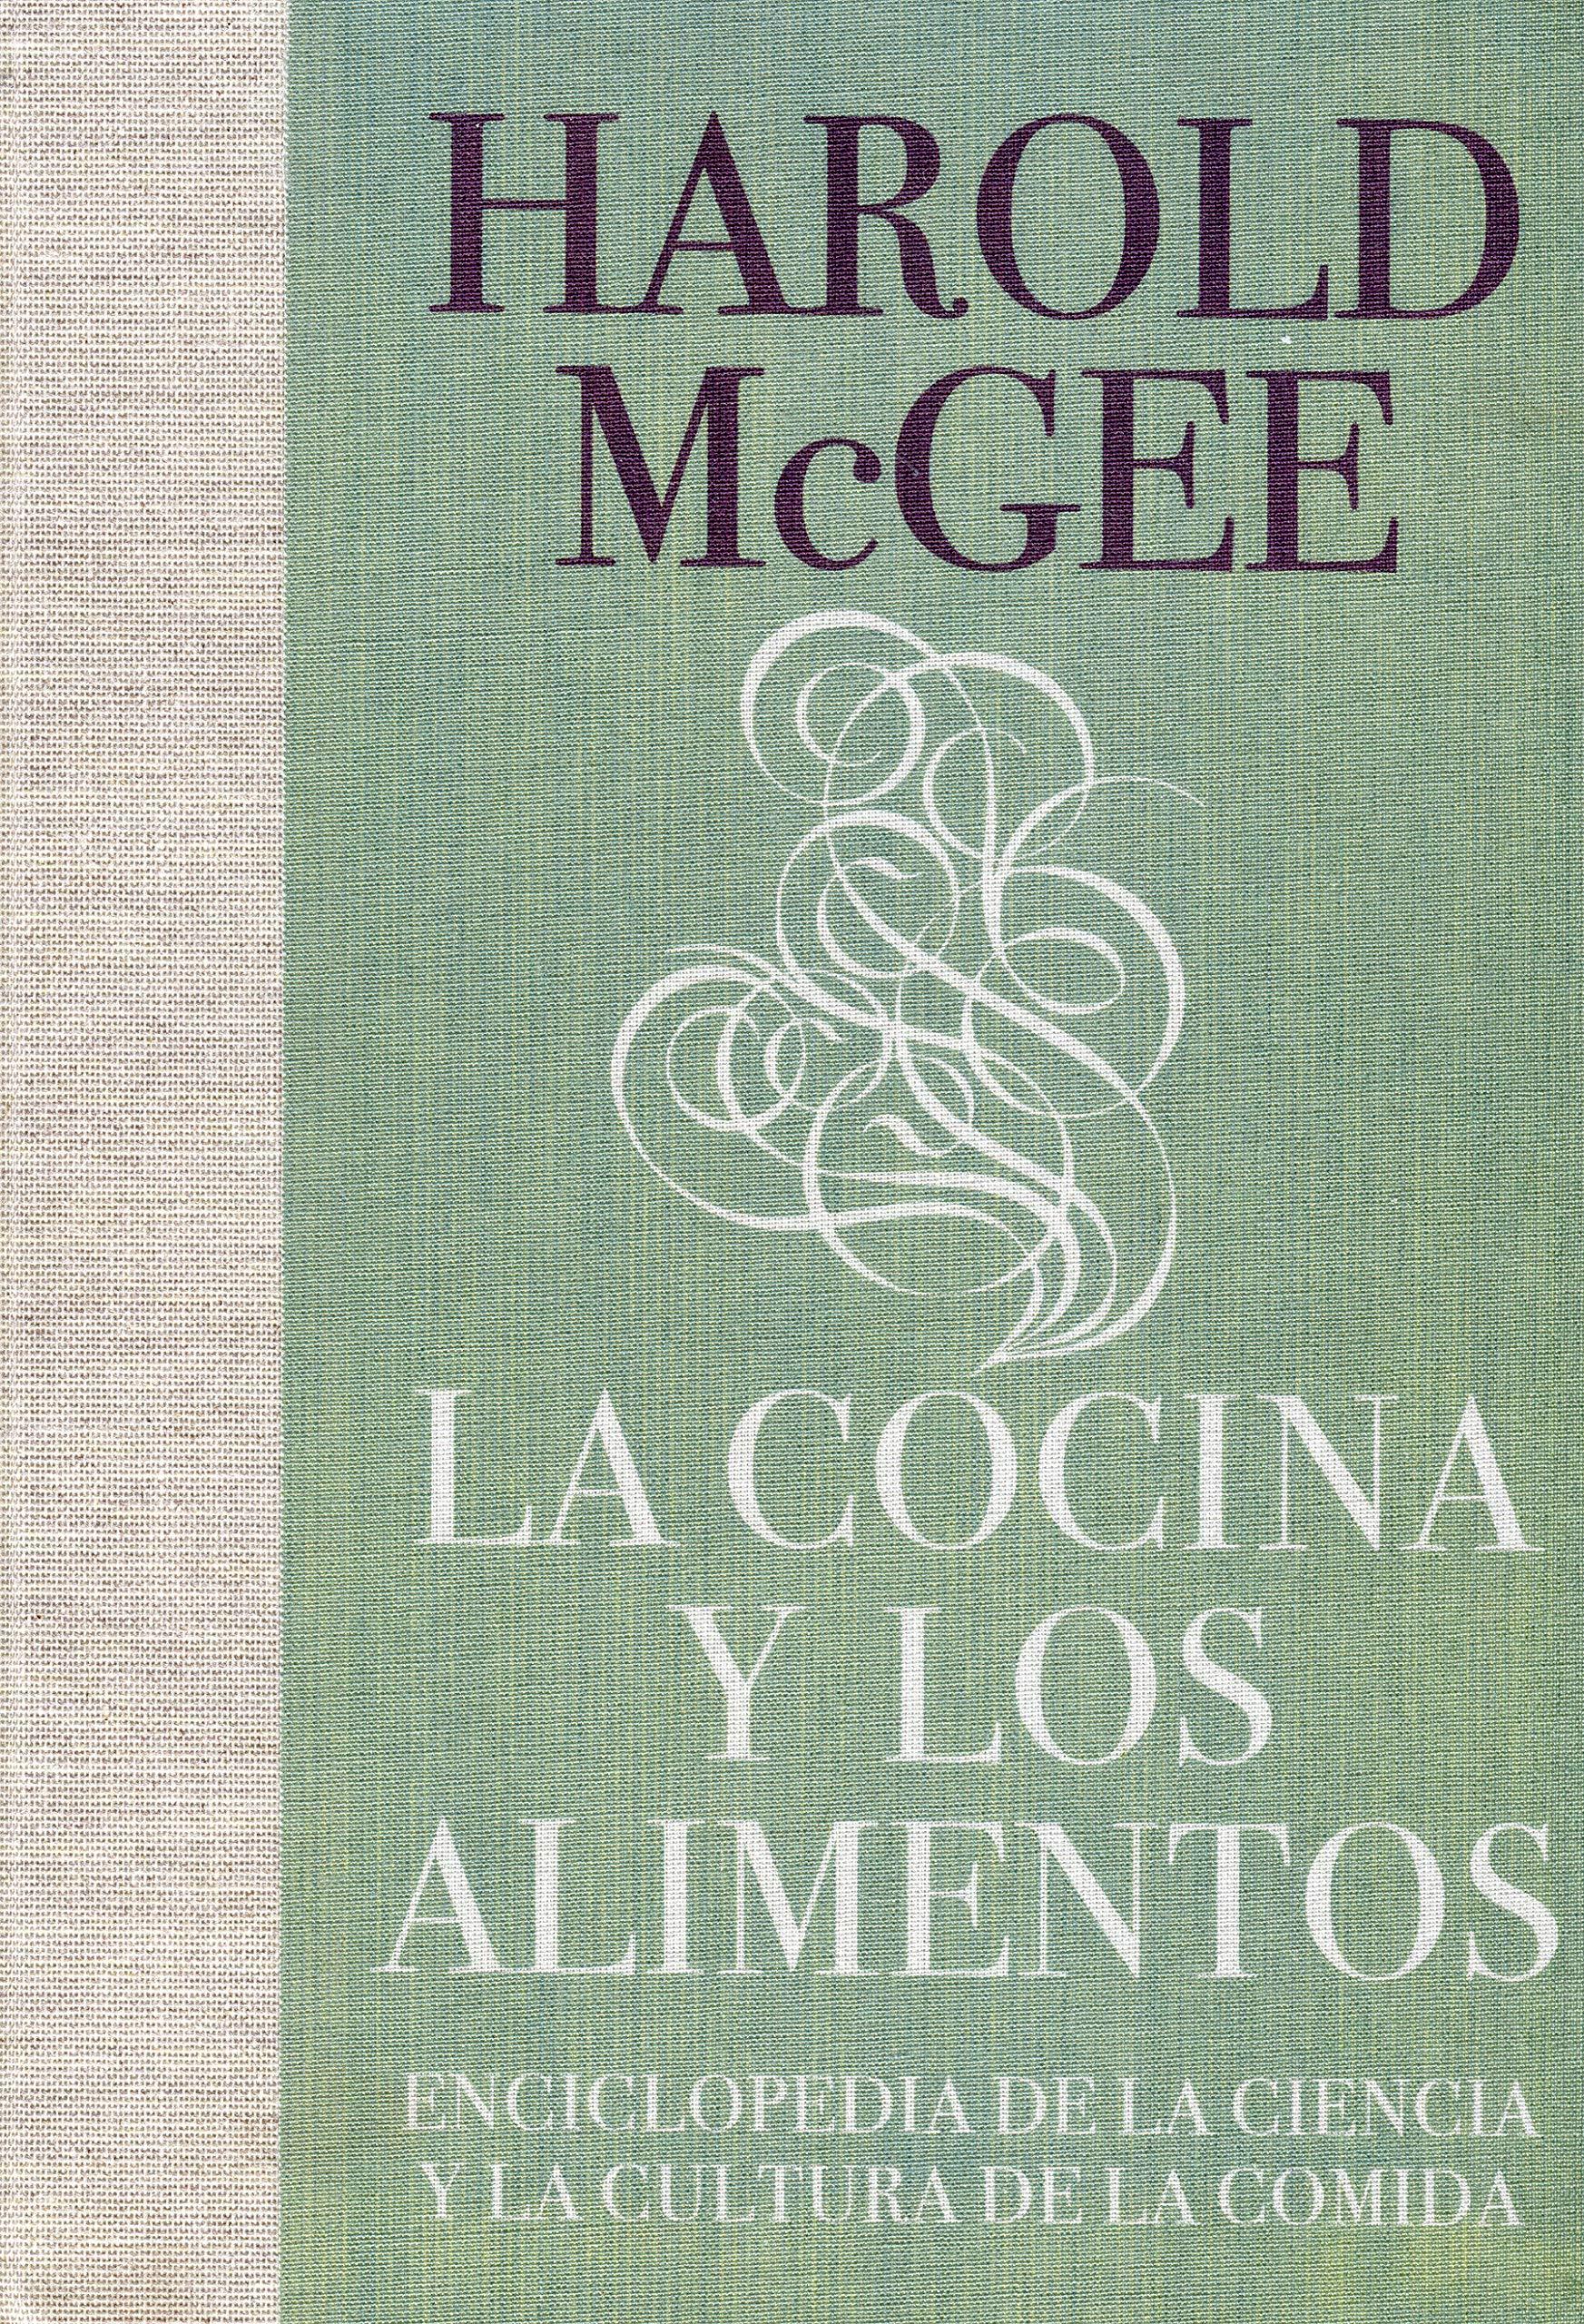 La cocina y los alimentos: Enciclopedia de la ciencia y la cultura de la comida: Amazon.es: McGee, Harold James, IBEAS DELGADO, JUAN MANUEL;: Libros